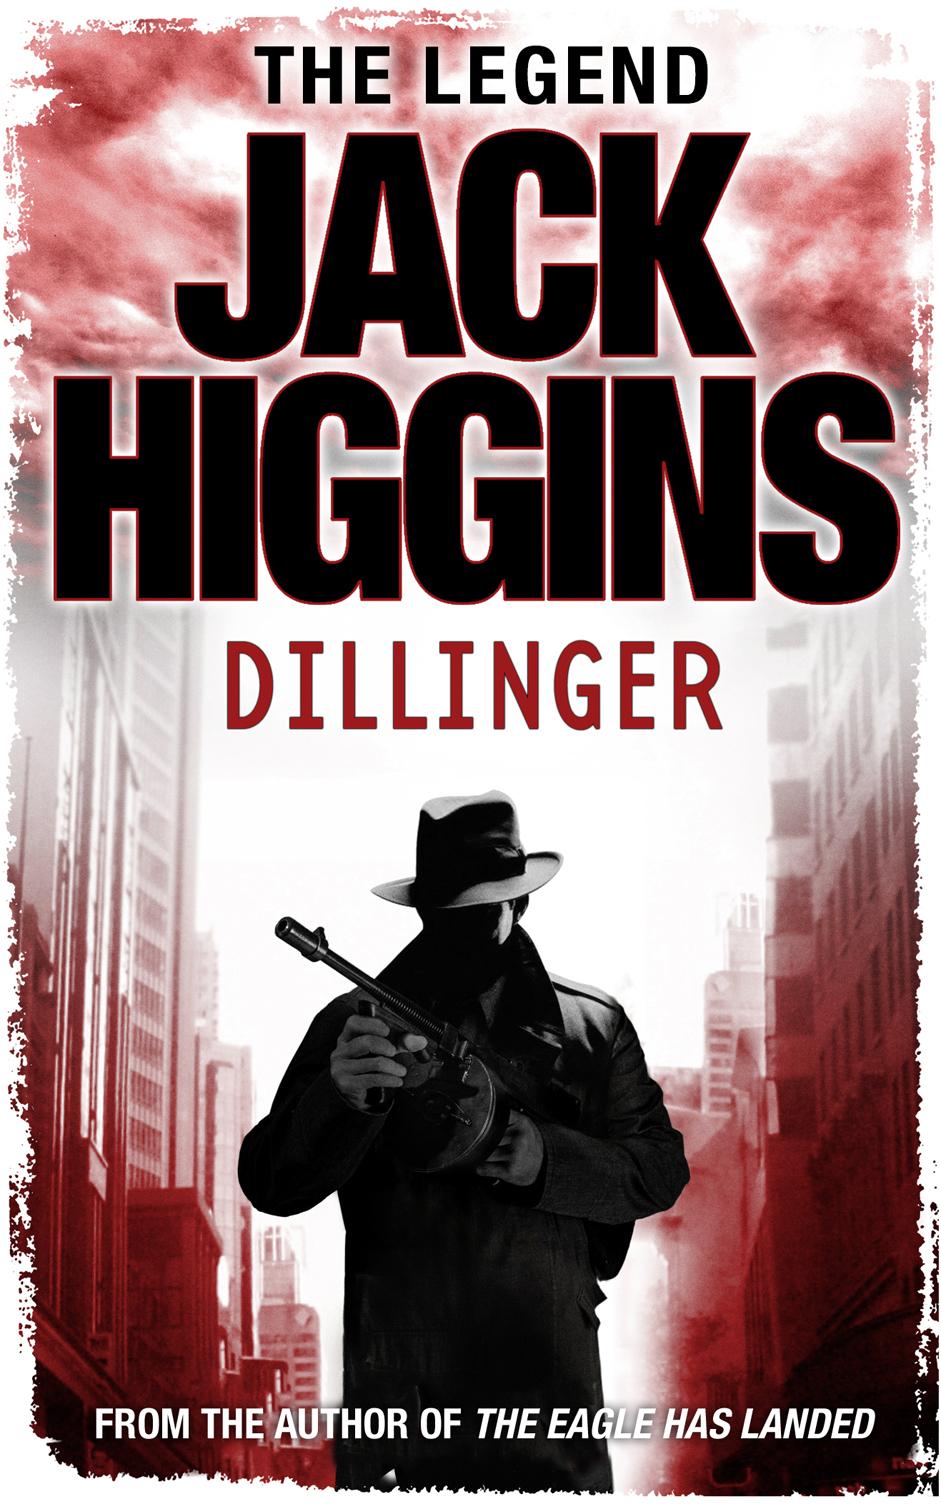 Jack Higgins Dillinger garth ennis john higgins pride